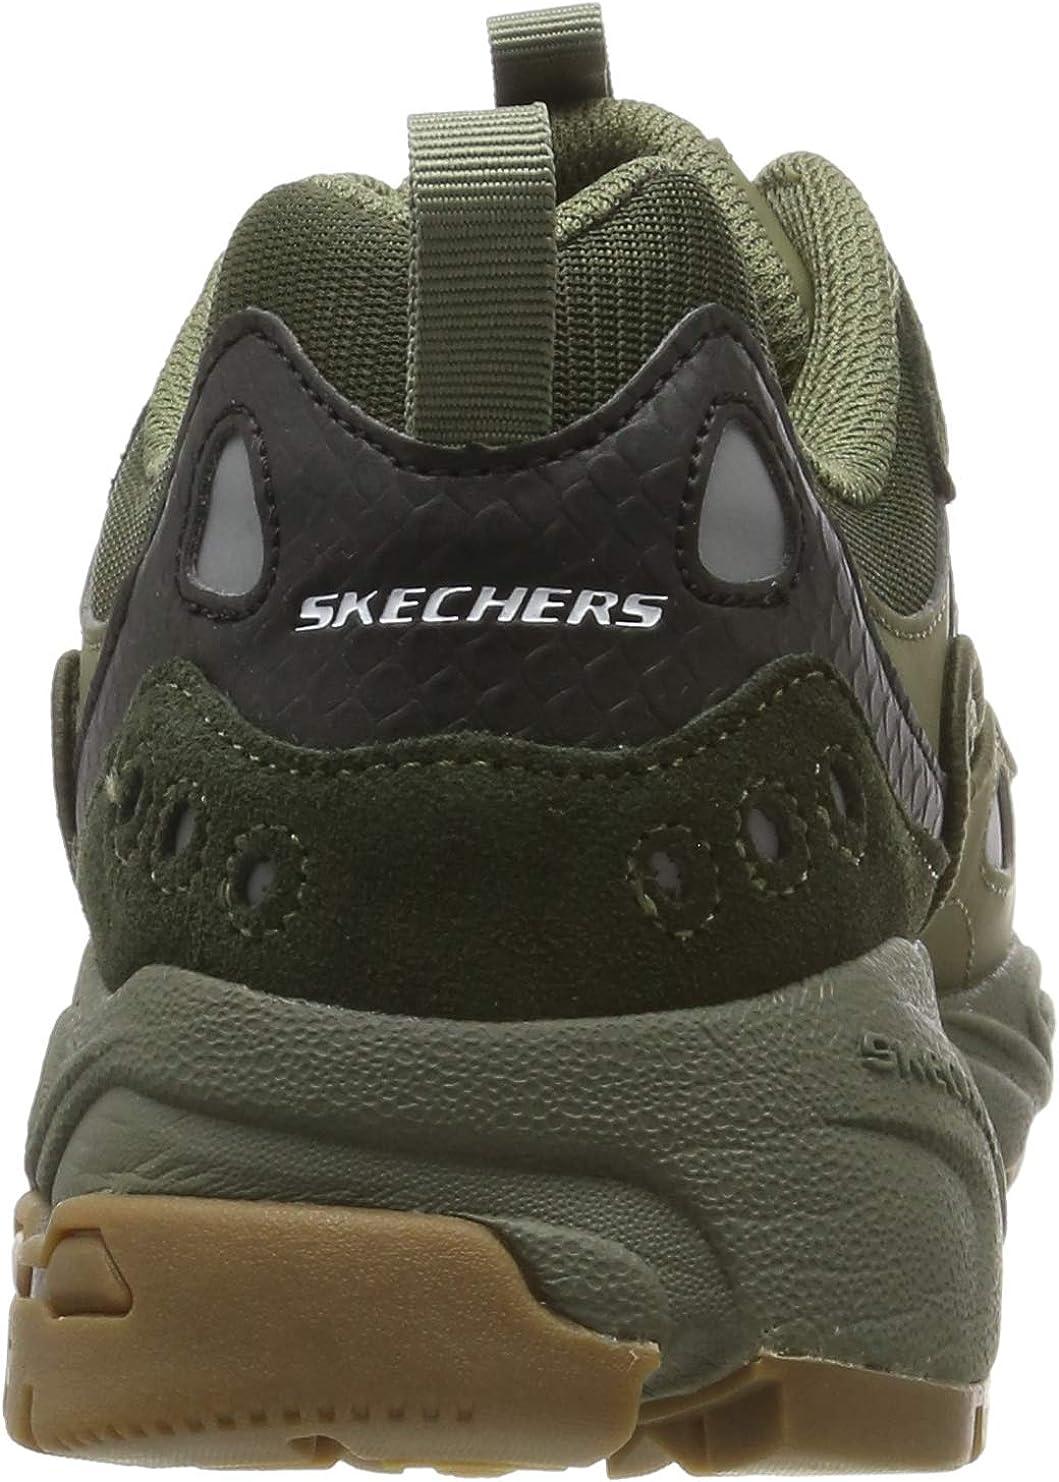 Repegar 945 Prima  Amazon.com | Skechers Men's Stamina Contic Oxford Shoes | Oxfords